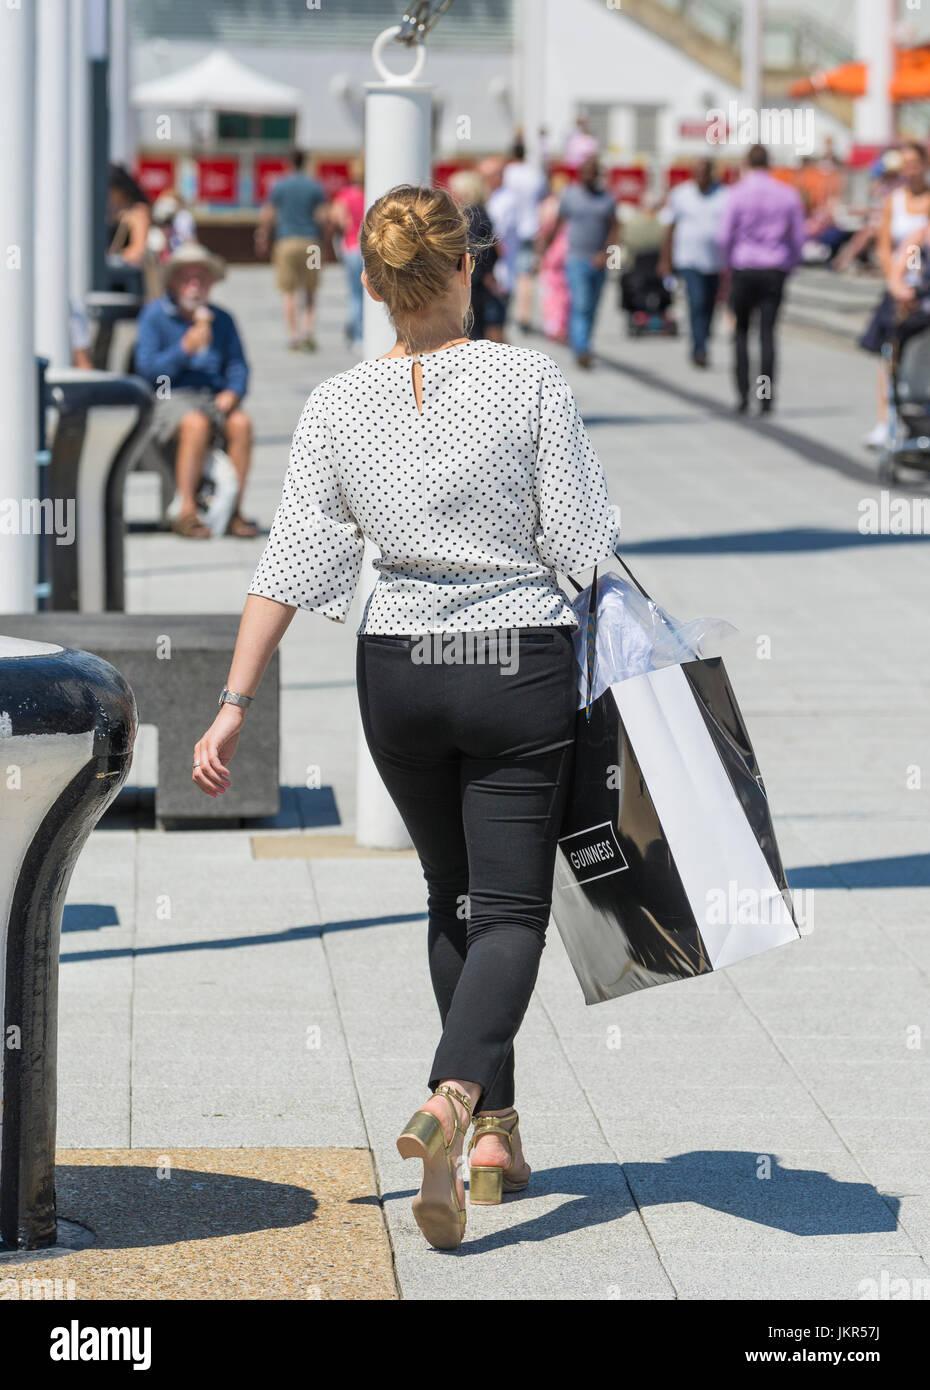 Giovane donna di classe a piedi, vestito bene con gusto costoso, portando abbigliamento shopping bag. Immagini Stock